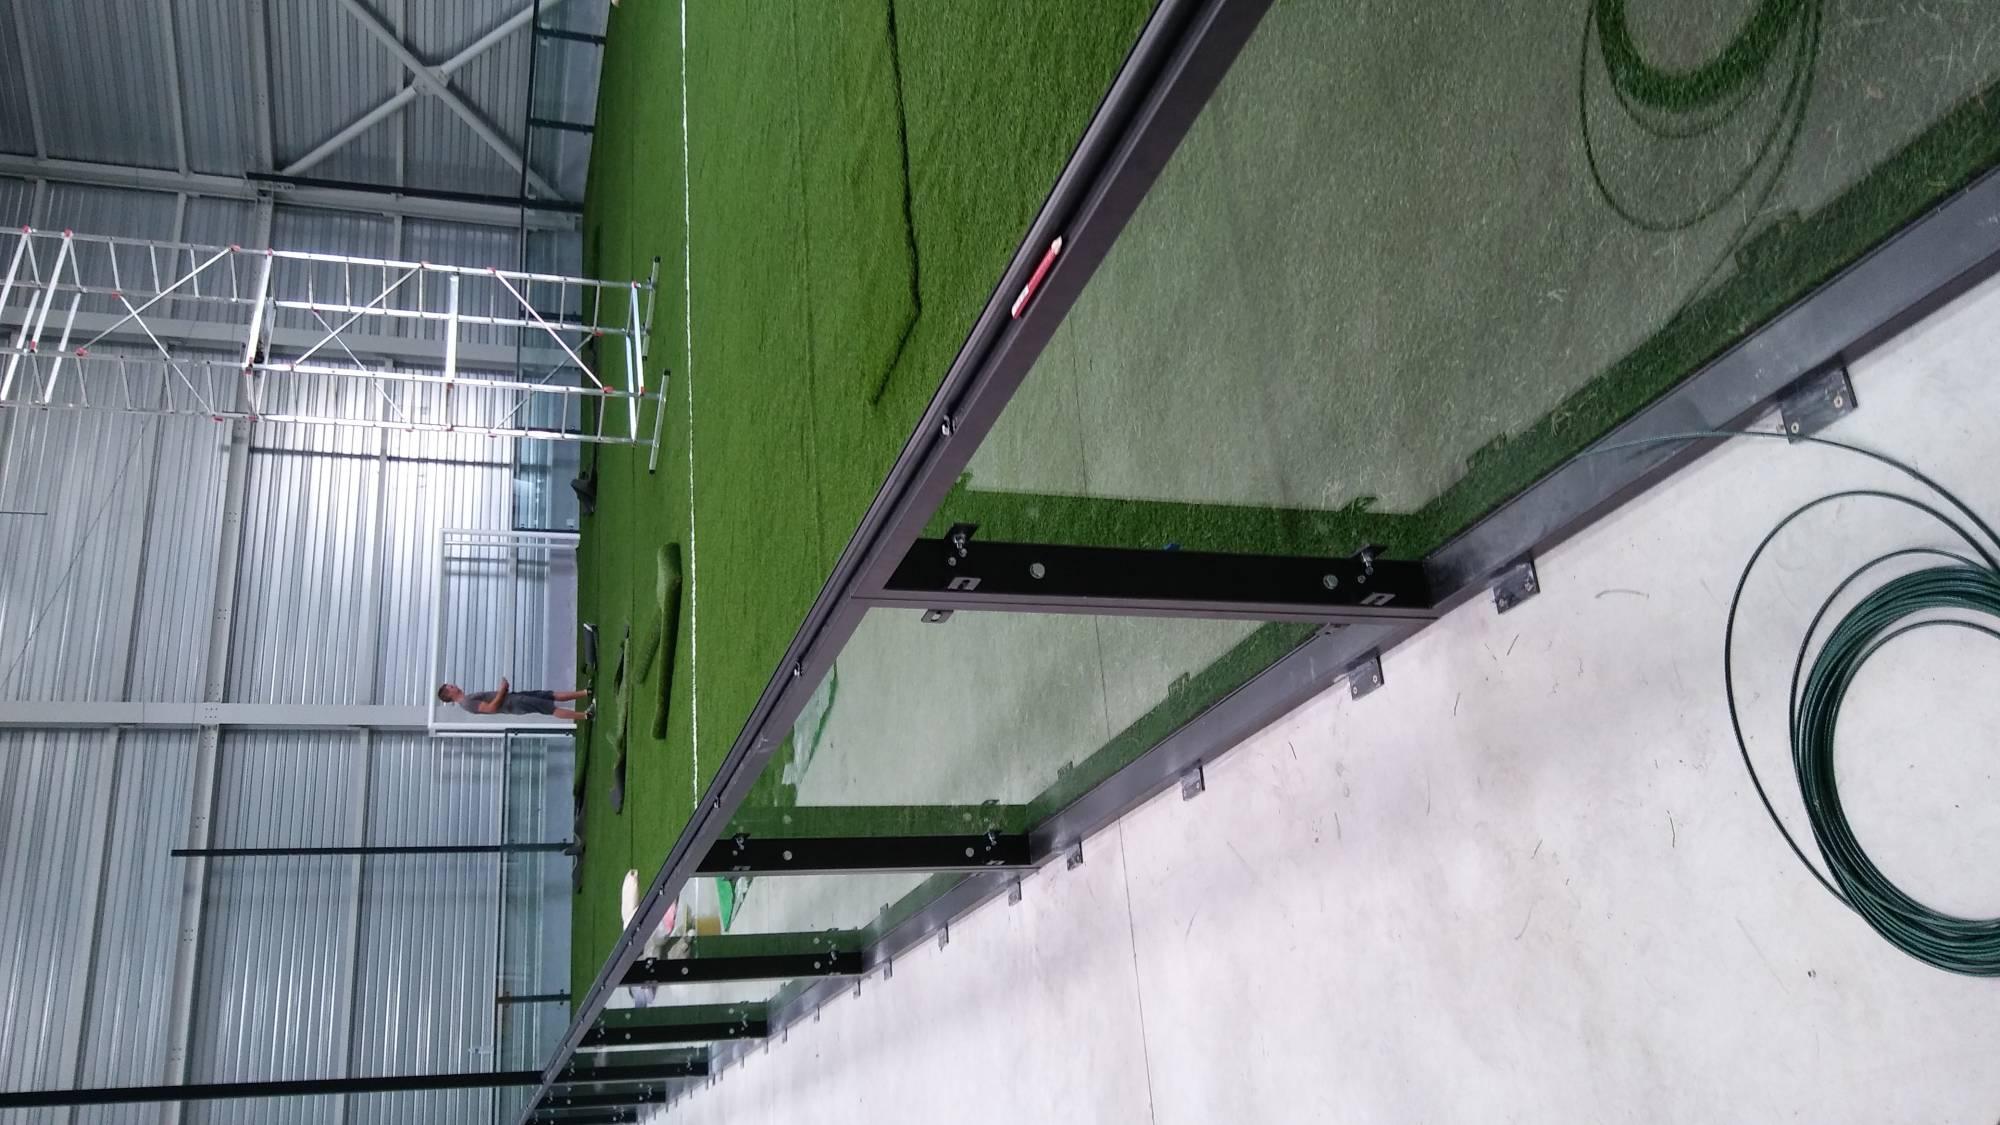 installateur de gazon synthétique et infrastructure pour soccer park